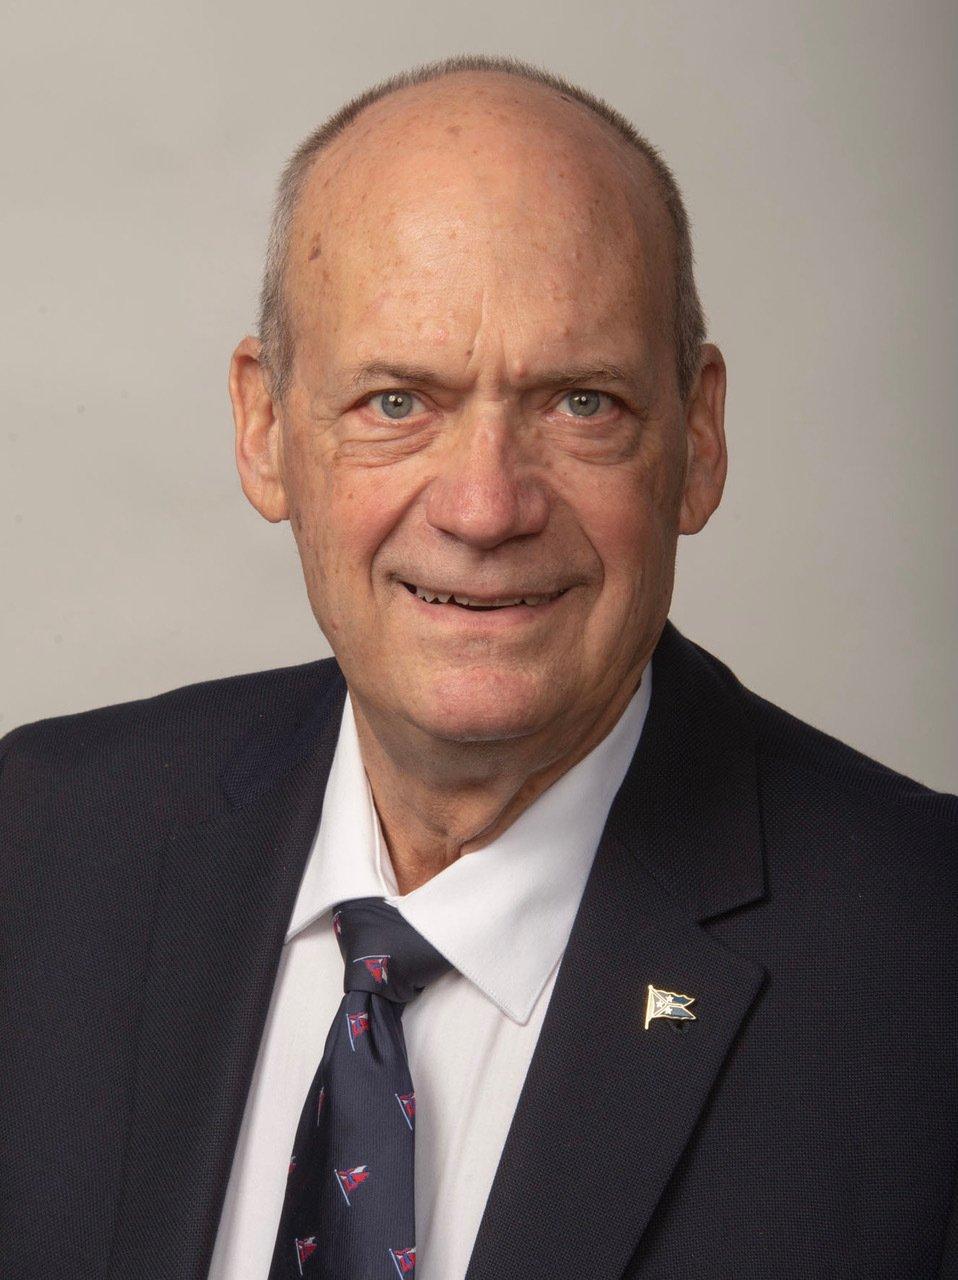 Holmstrom